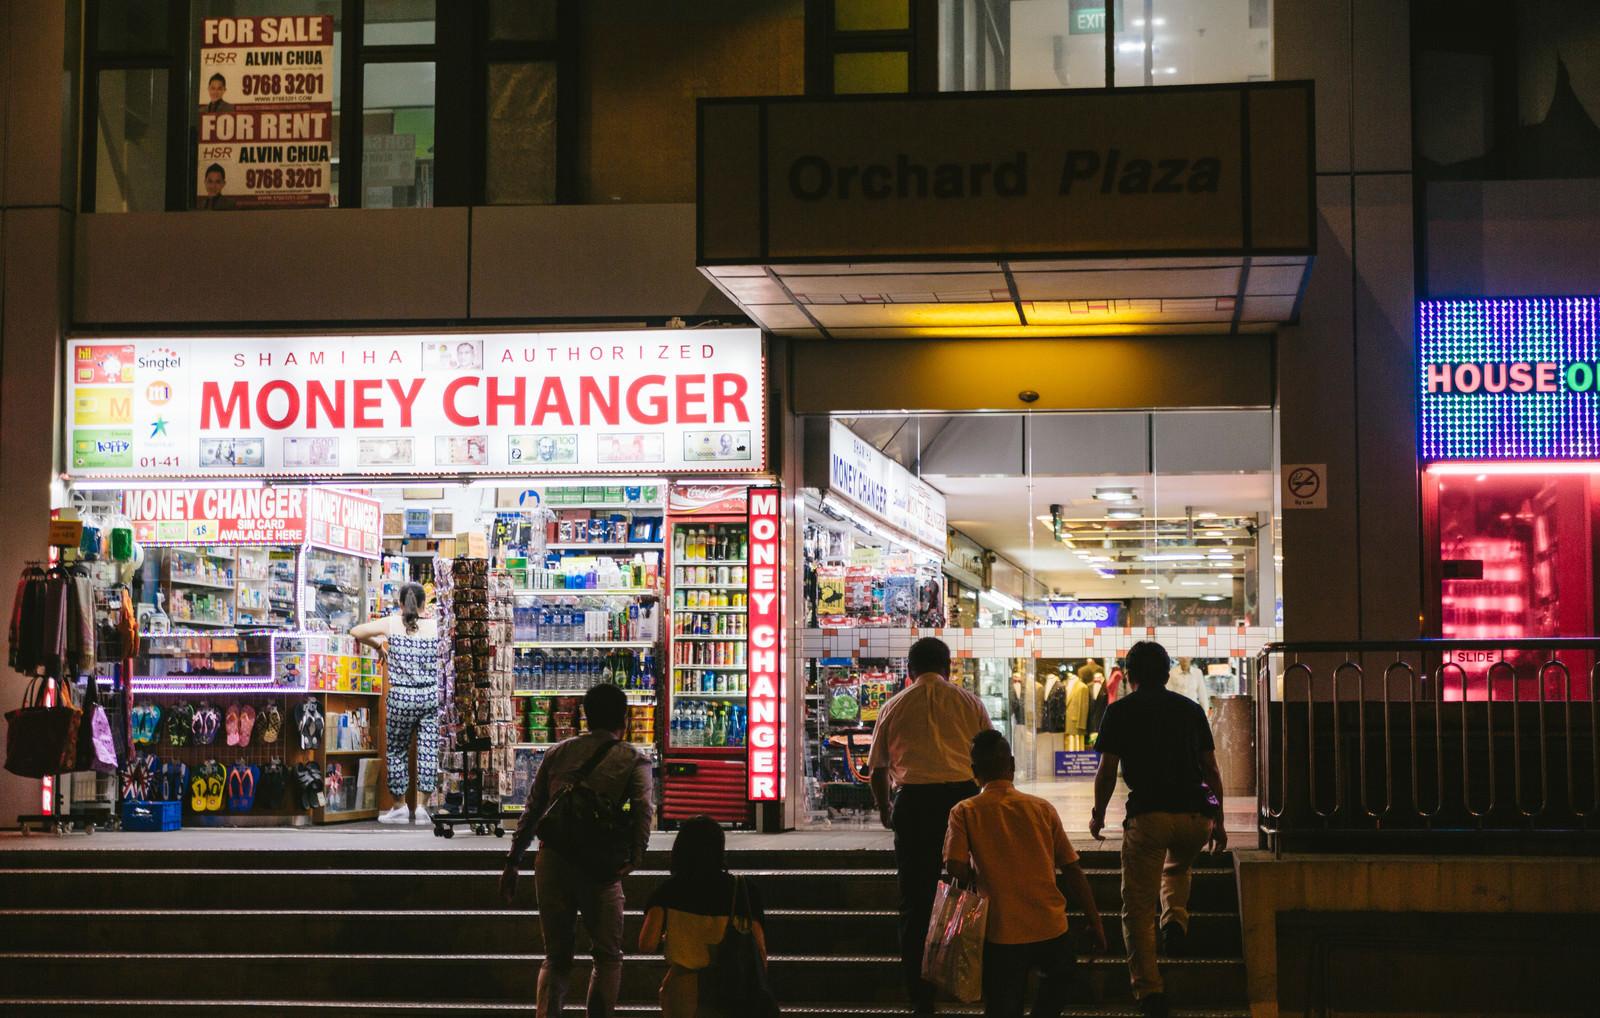 「オーチャード地区のMONEY CHANGER」の写真